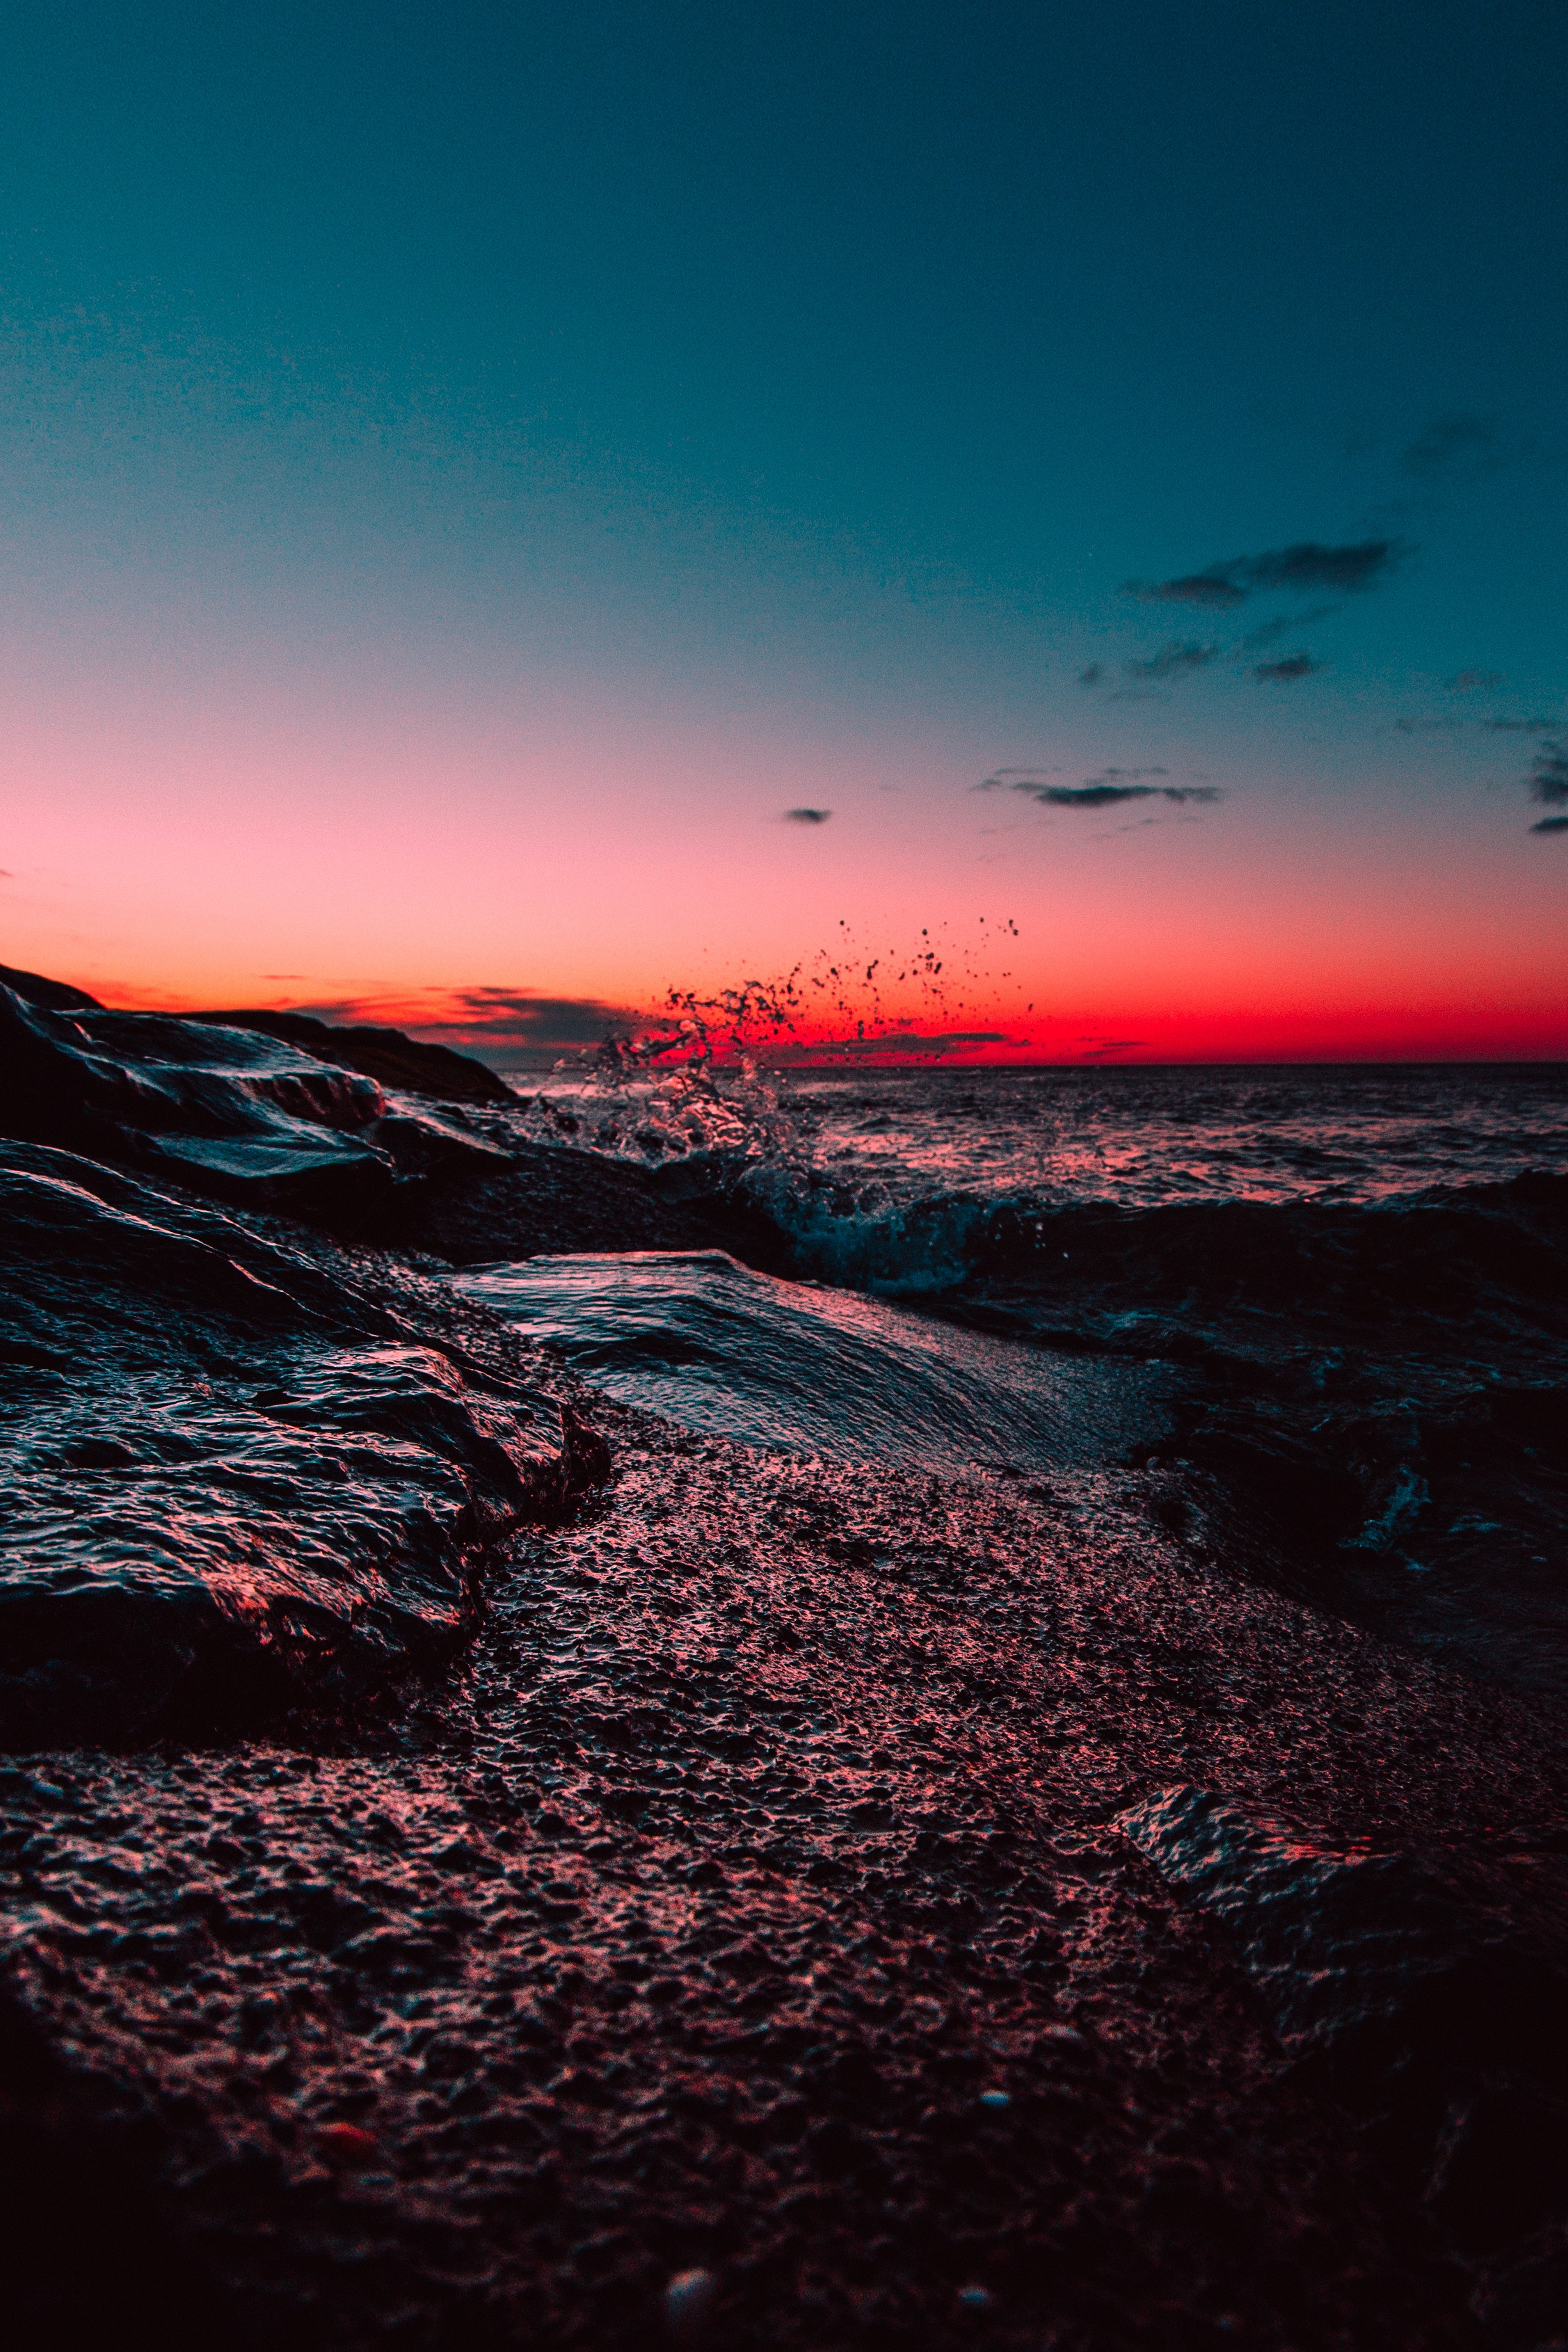 51784 télécharger le fond d'écran Nature, Coucher De Soleil, Sky, Mer, Horizon, Etats-Unis, États-Unis, Le Surf, Surfer, Parc D'asbury, Parc Asbury - économiseurs d'écran et images gratuitement